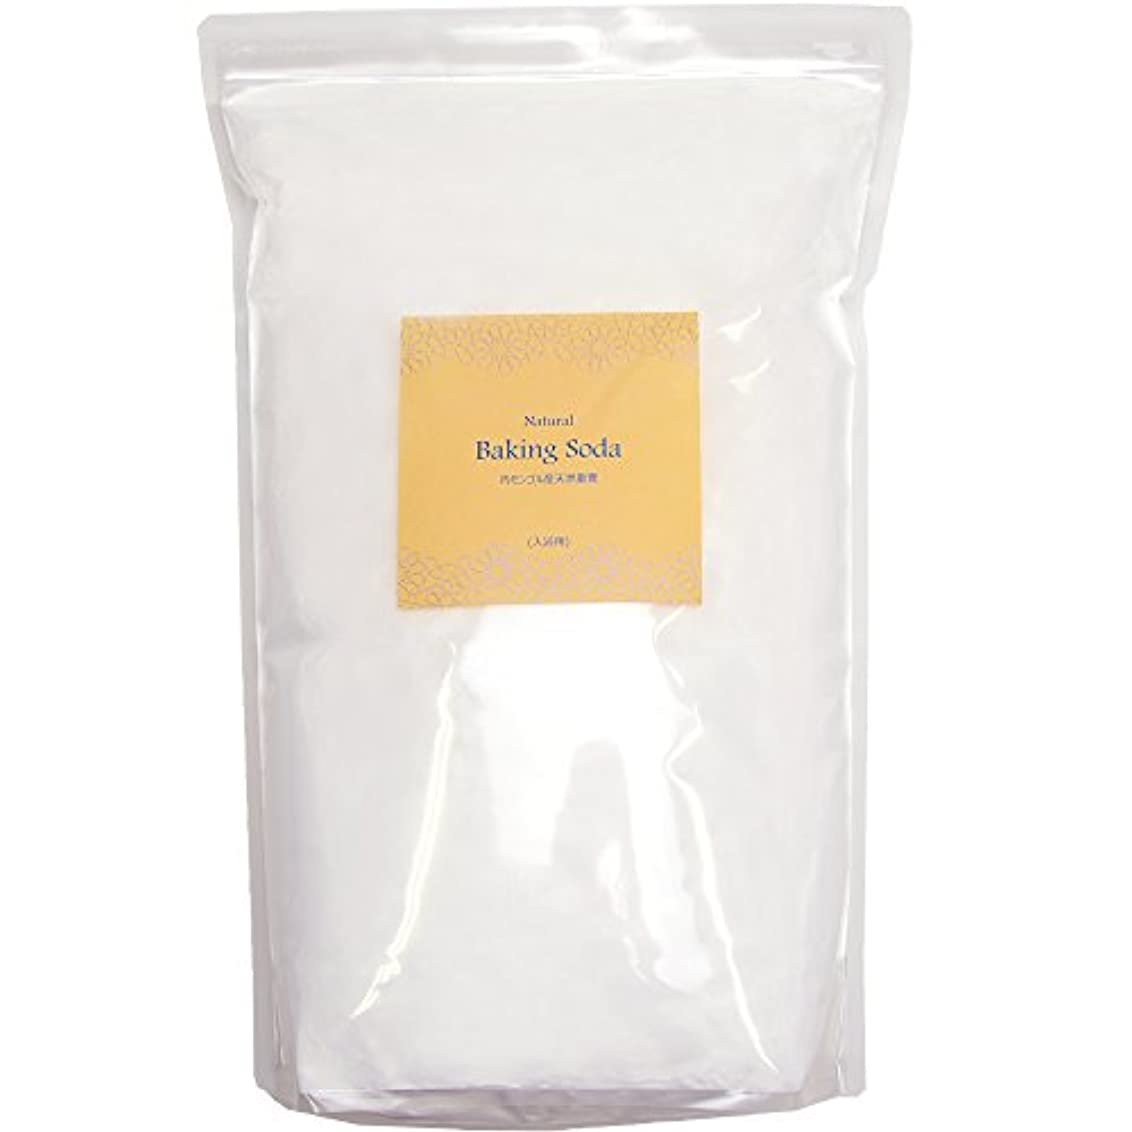 アースコンシャス 天然重曹 入浴用 内モンゴル産 (10kgパック / 入浴剤 原料) 計量スプーン付き 大容量 [エプソムソルトとのブレンドもお薦め] 合成着色料?合成香料?防腐剤 無添加